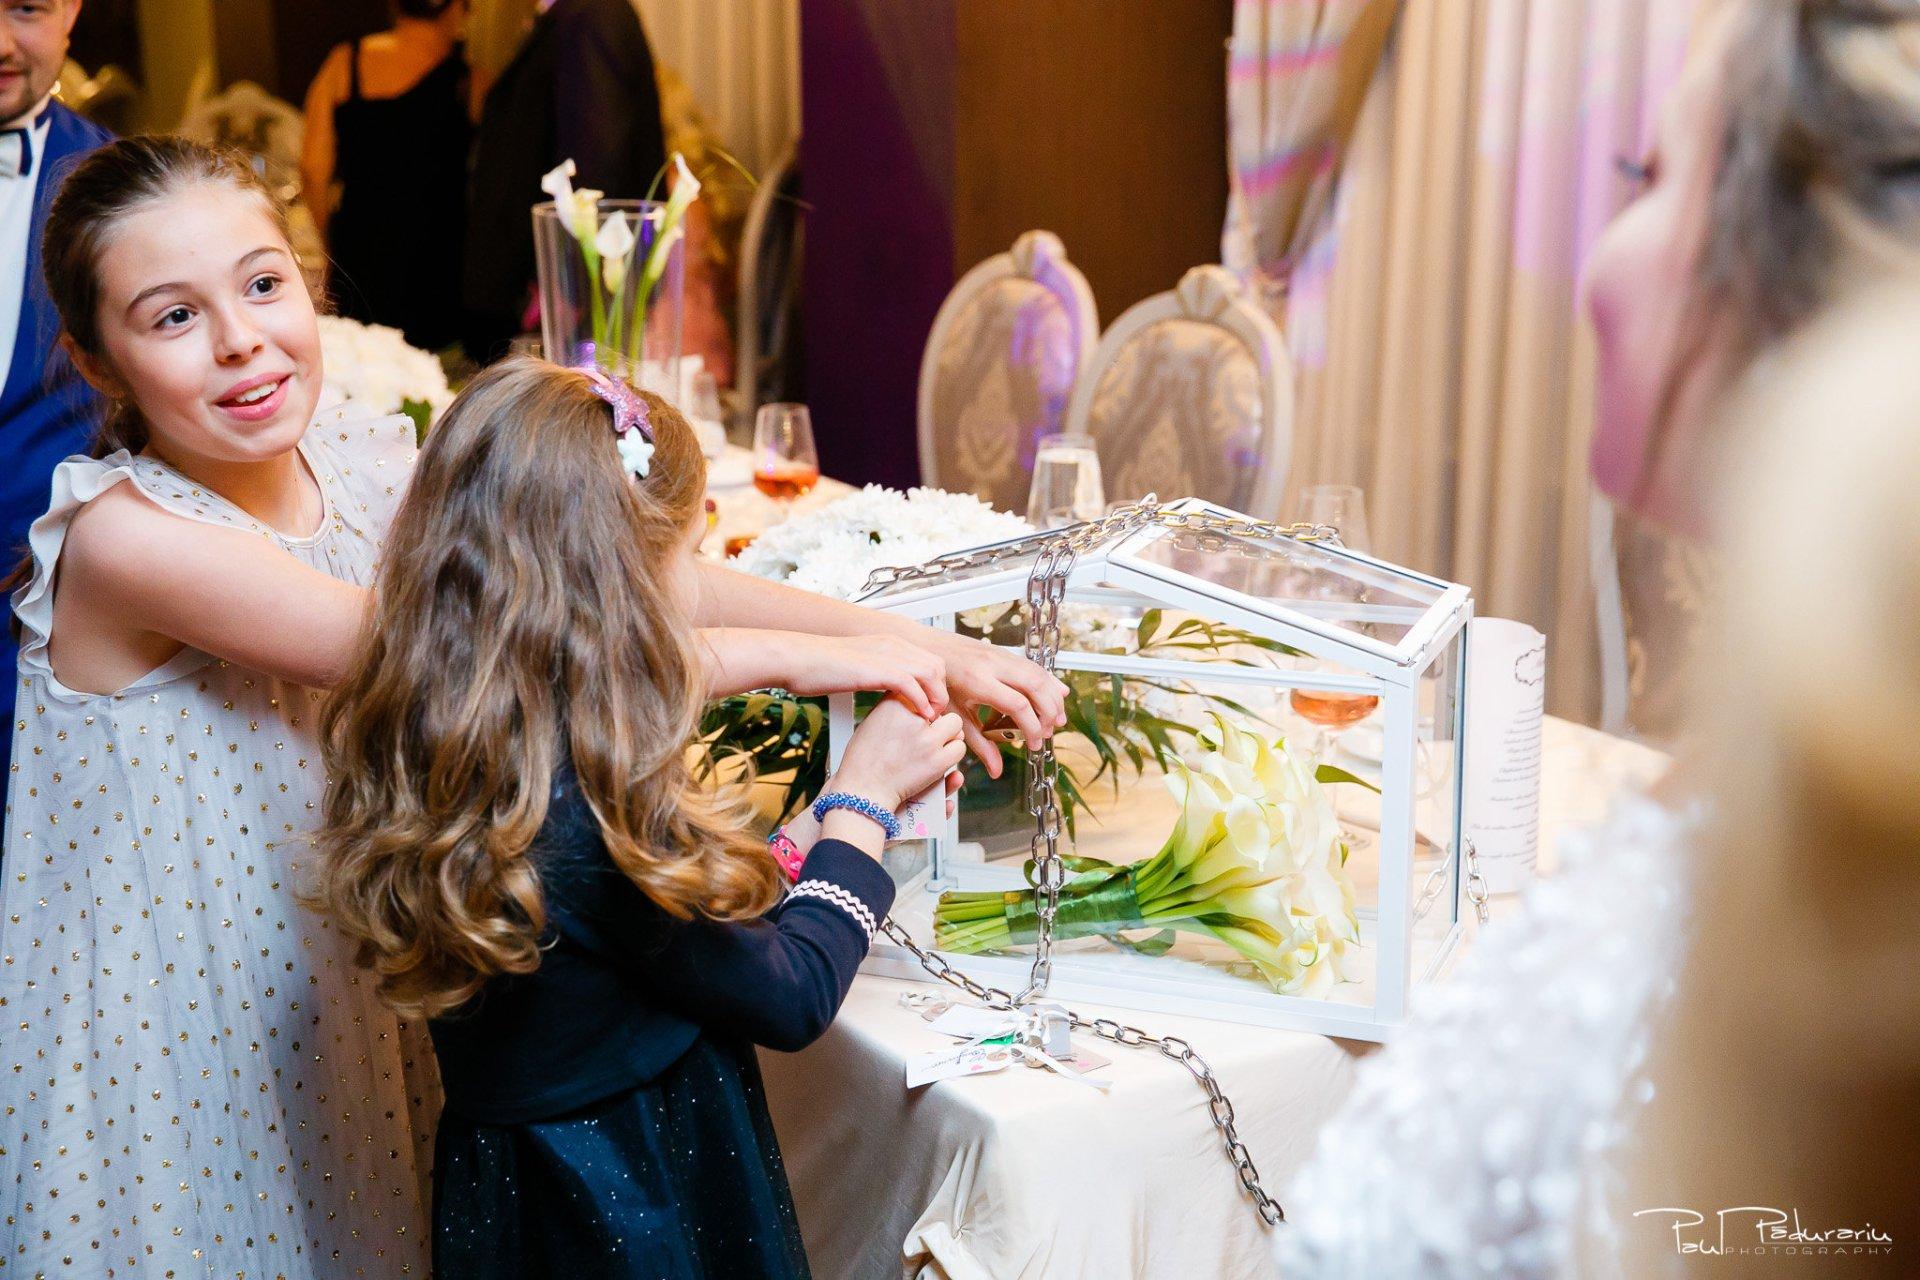 Petrecere la Pleaiada nunta cu tema Paris Ema si Tudor fotograf profesionist de nunta iasi www.paulpadurariu.ro © 2017 Paul Padurariu - furatul buchetului miresei